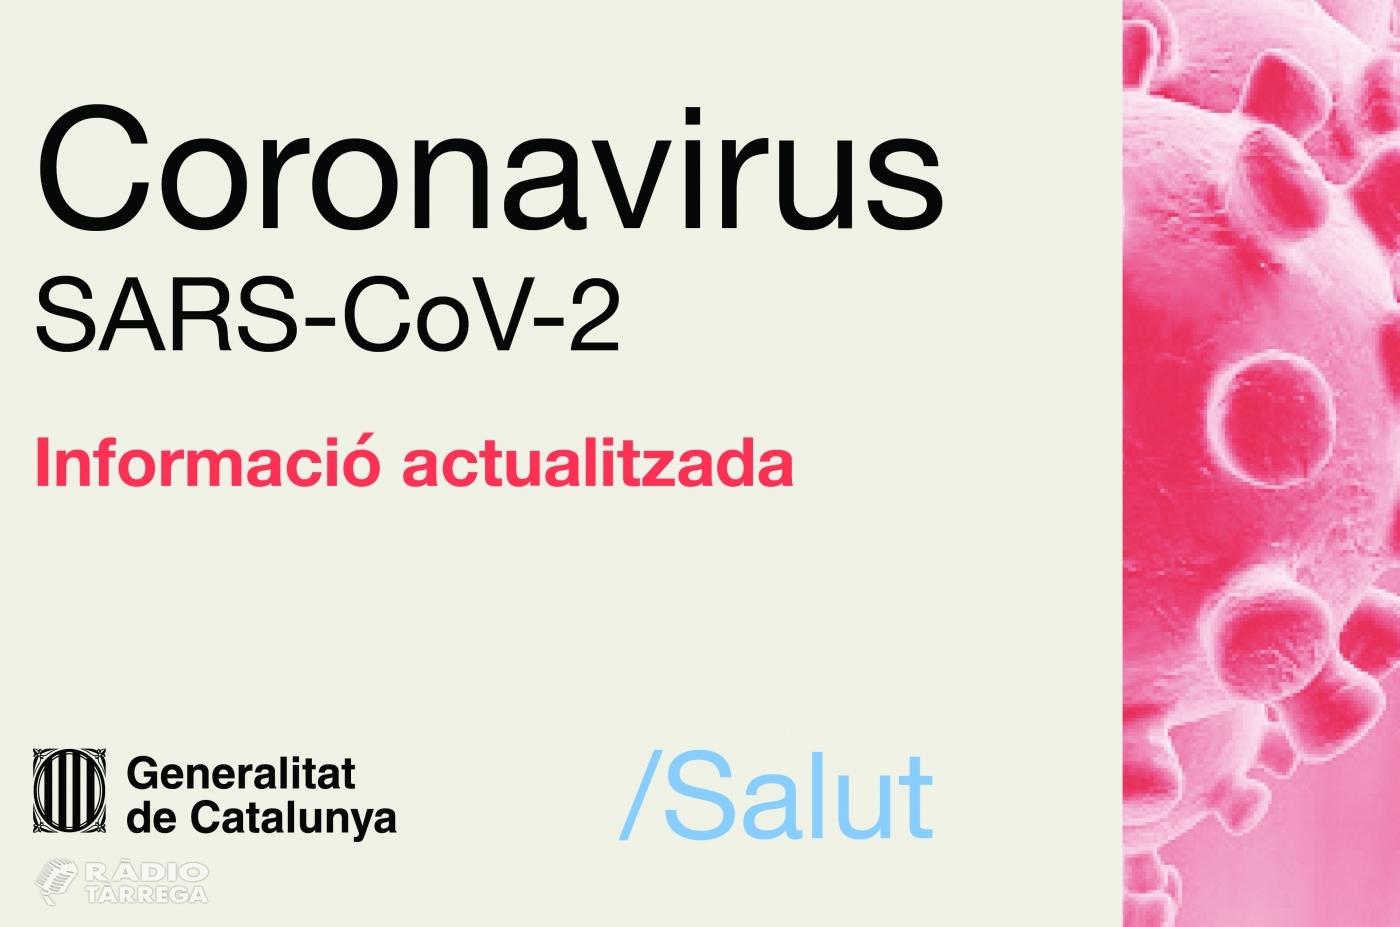 Baixen fins als 191 els hospitalitzats amb coronavirus a la regió sanitària de Lleida, després de dos dies d'augments